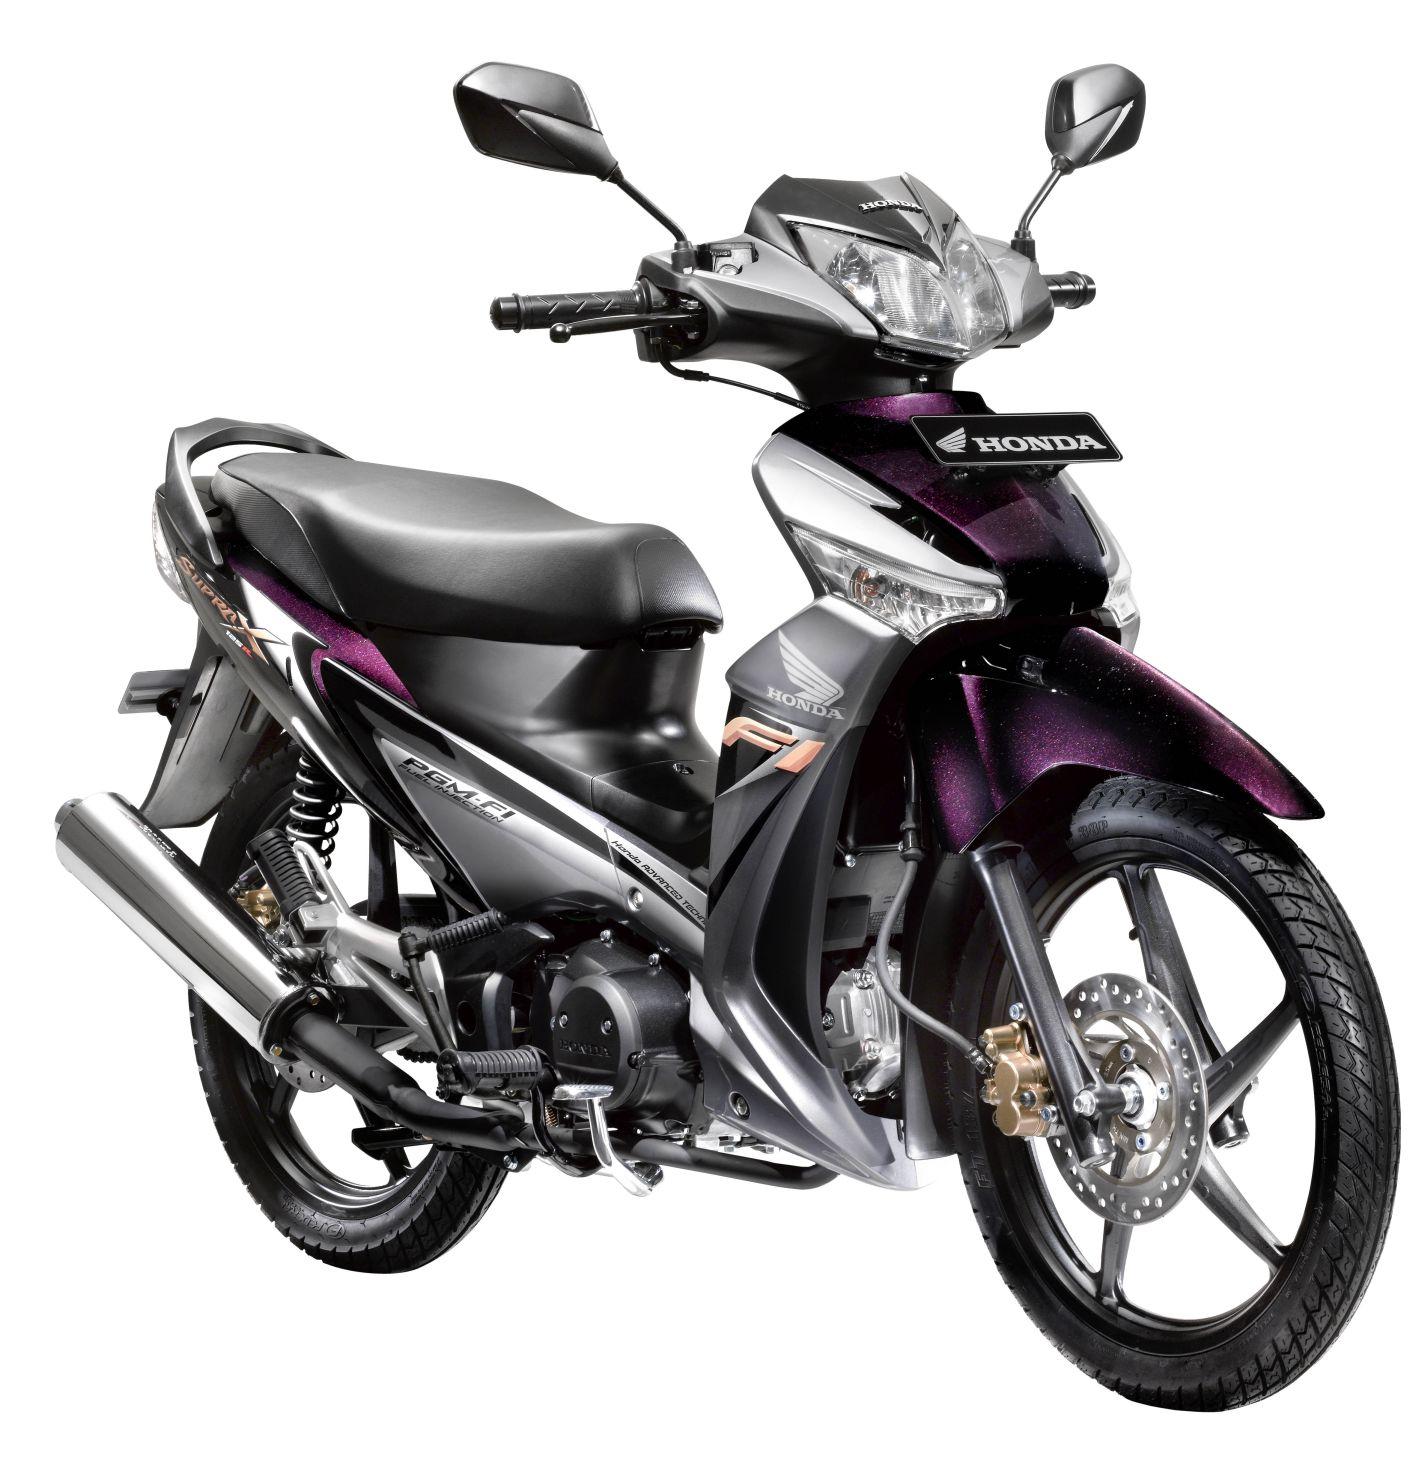 harga motor supra x 125 fi - Informasi spesifikasi harga dan jual ...